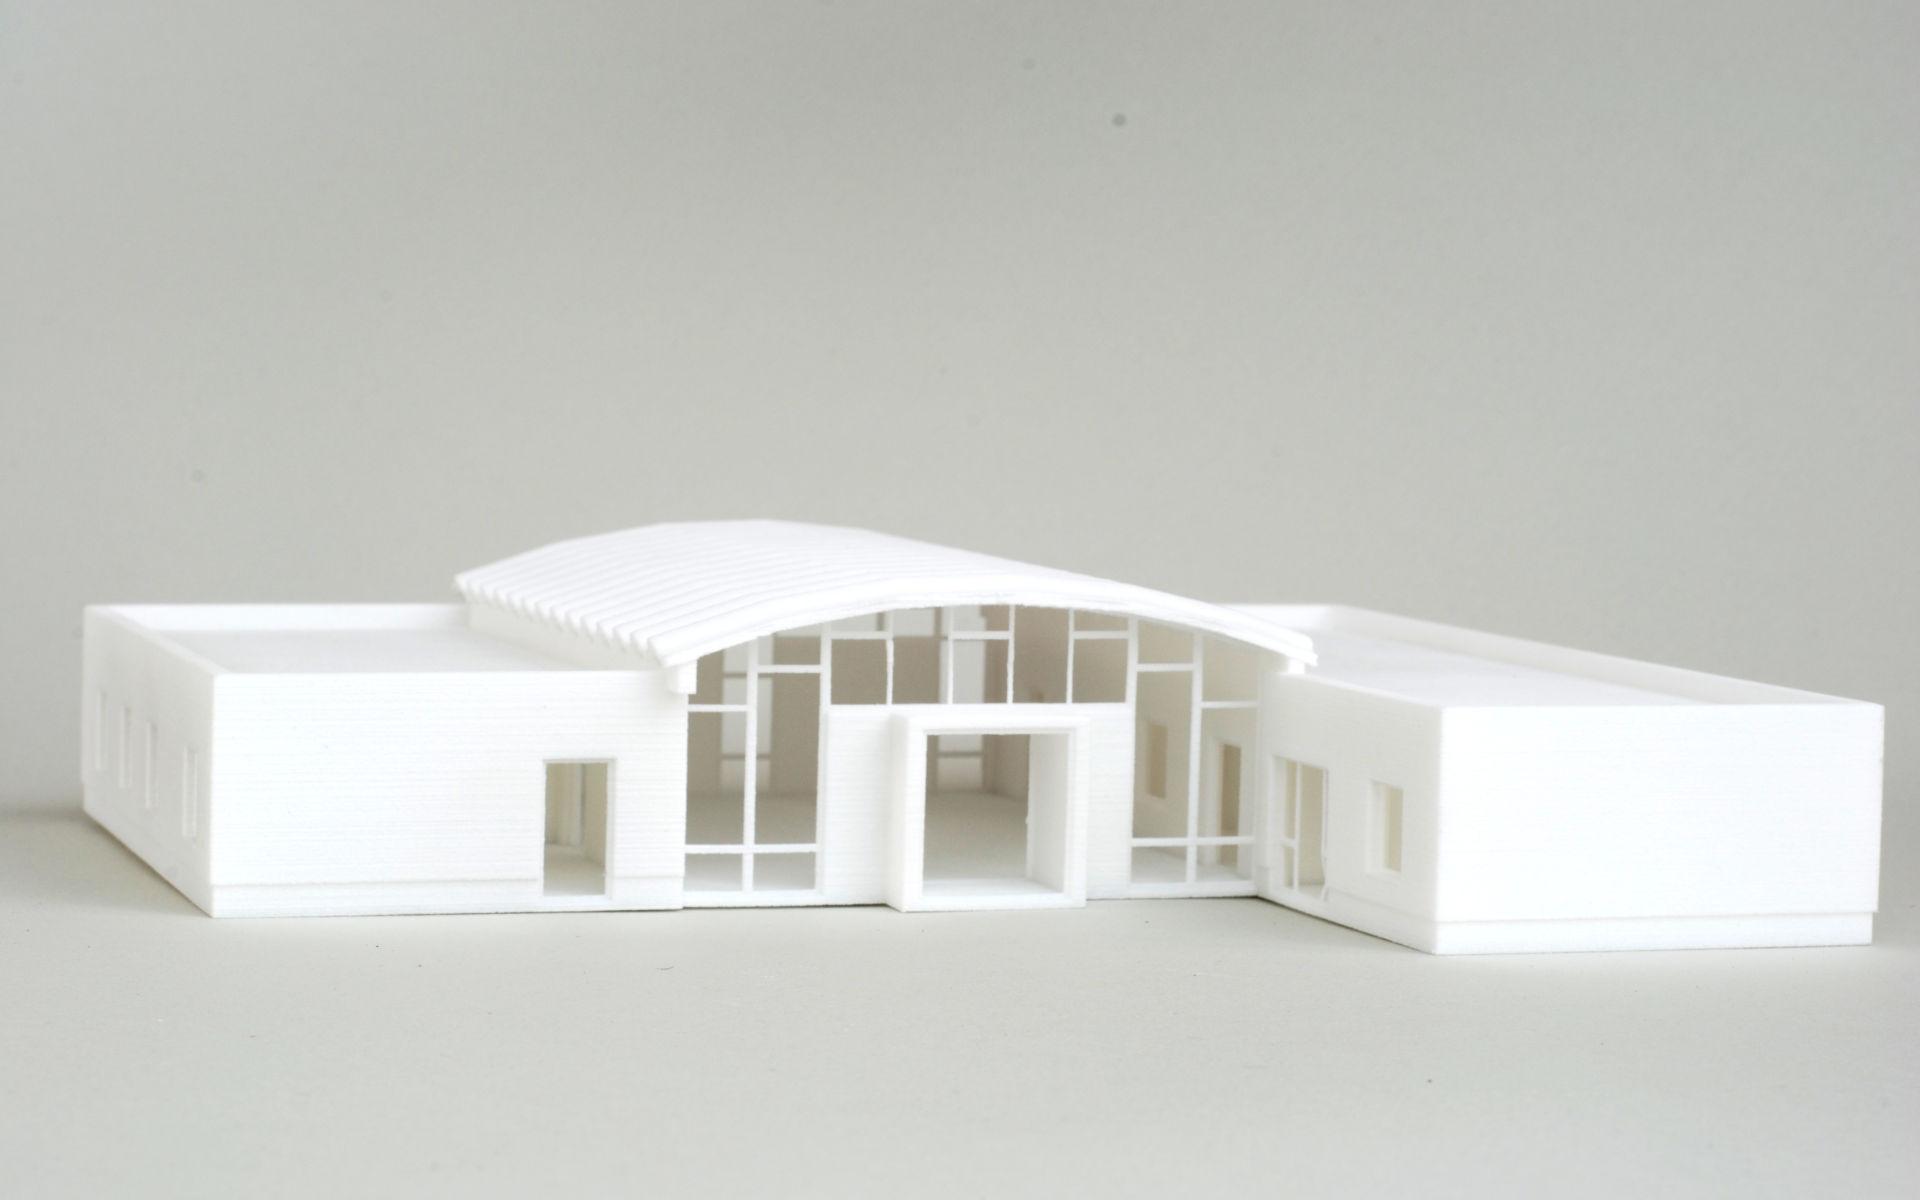 Selektives Lasersintern SLS im Modellbau am Beispiel eines Architektur Modells